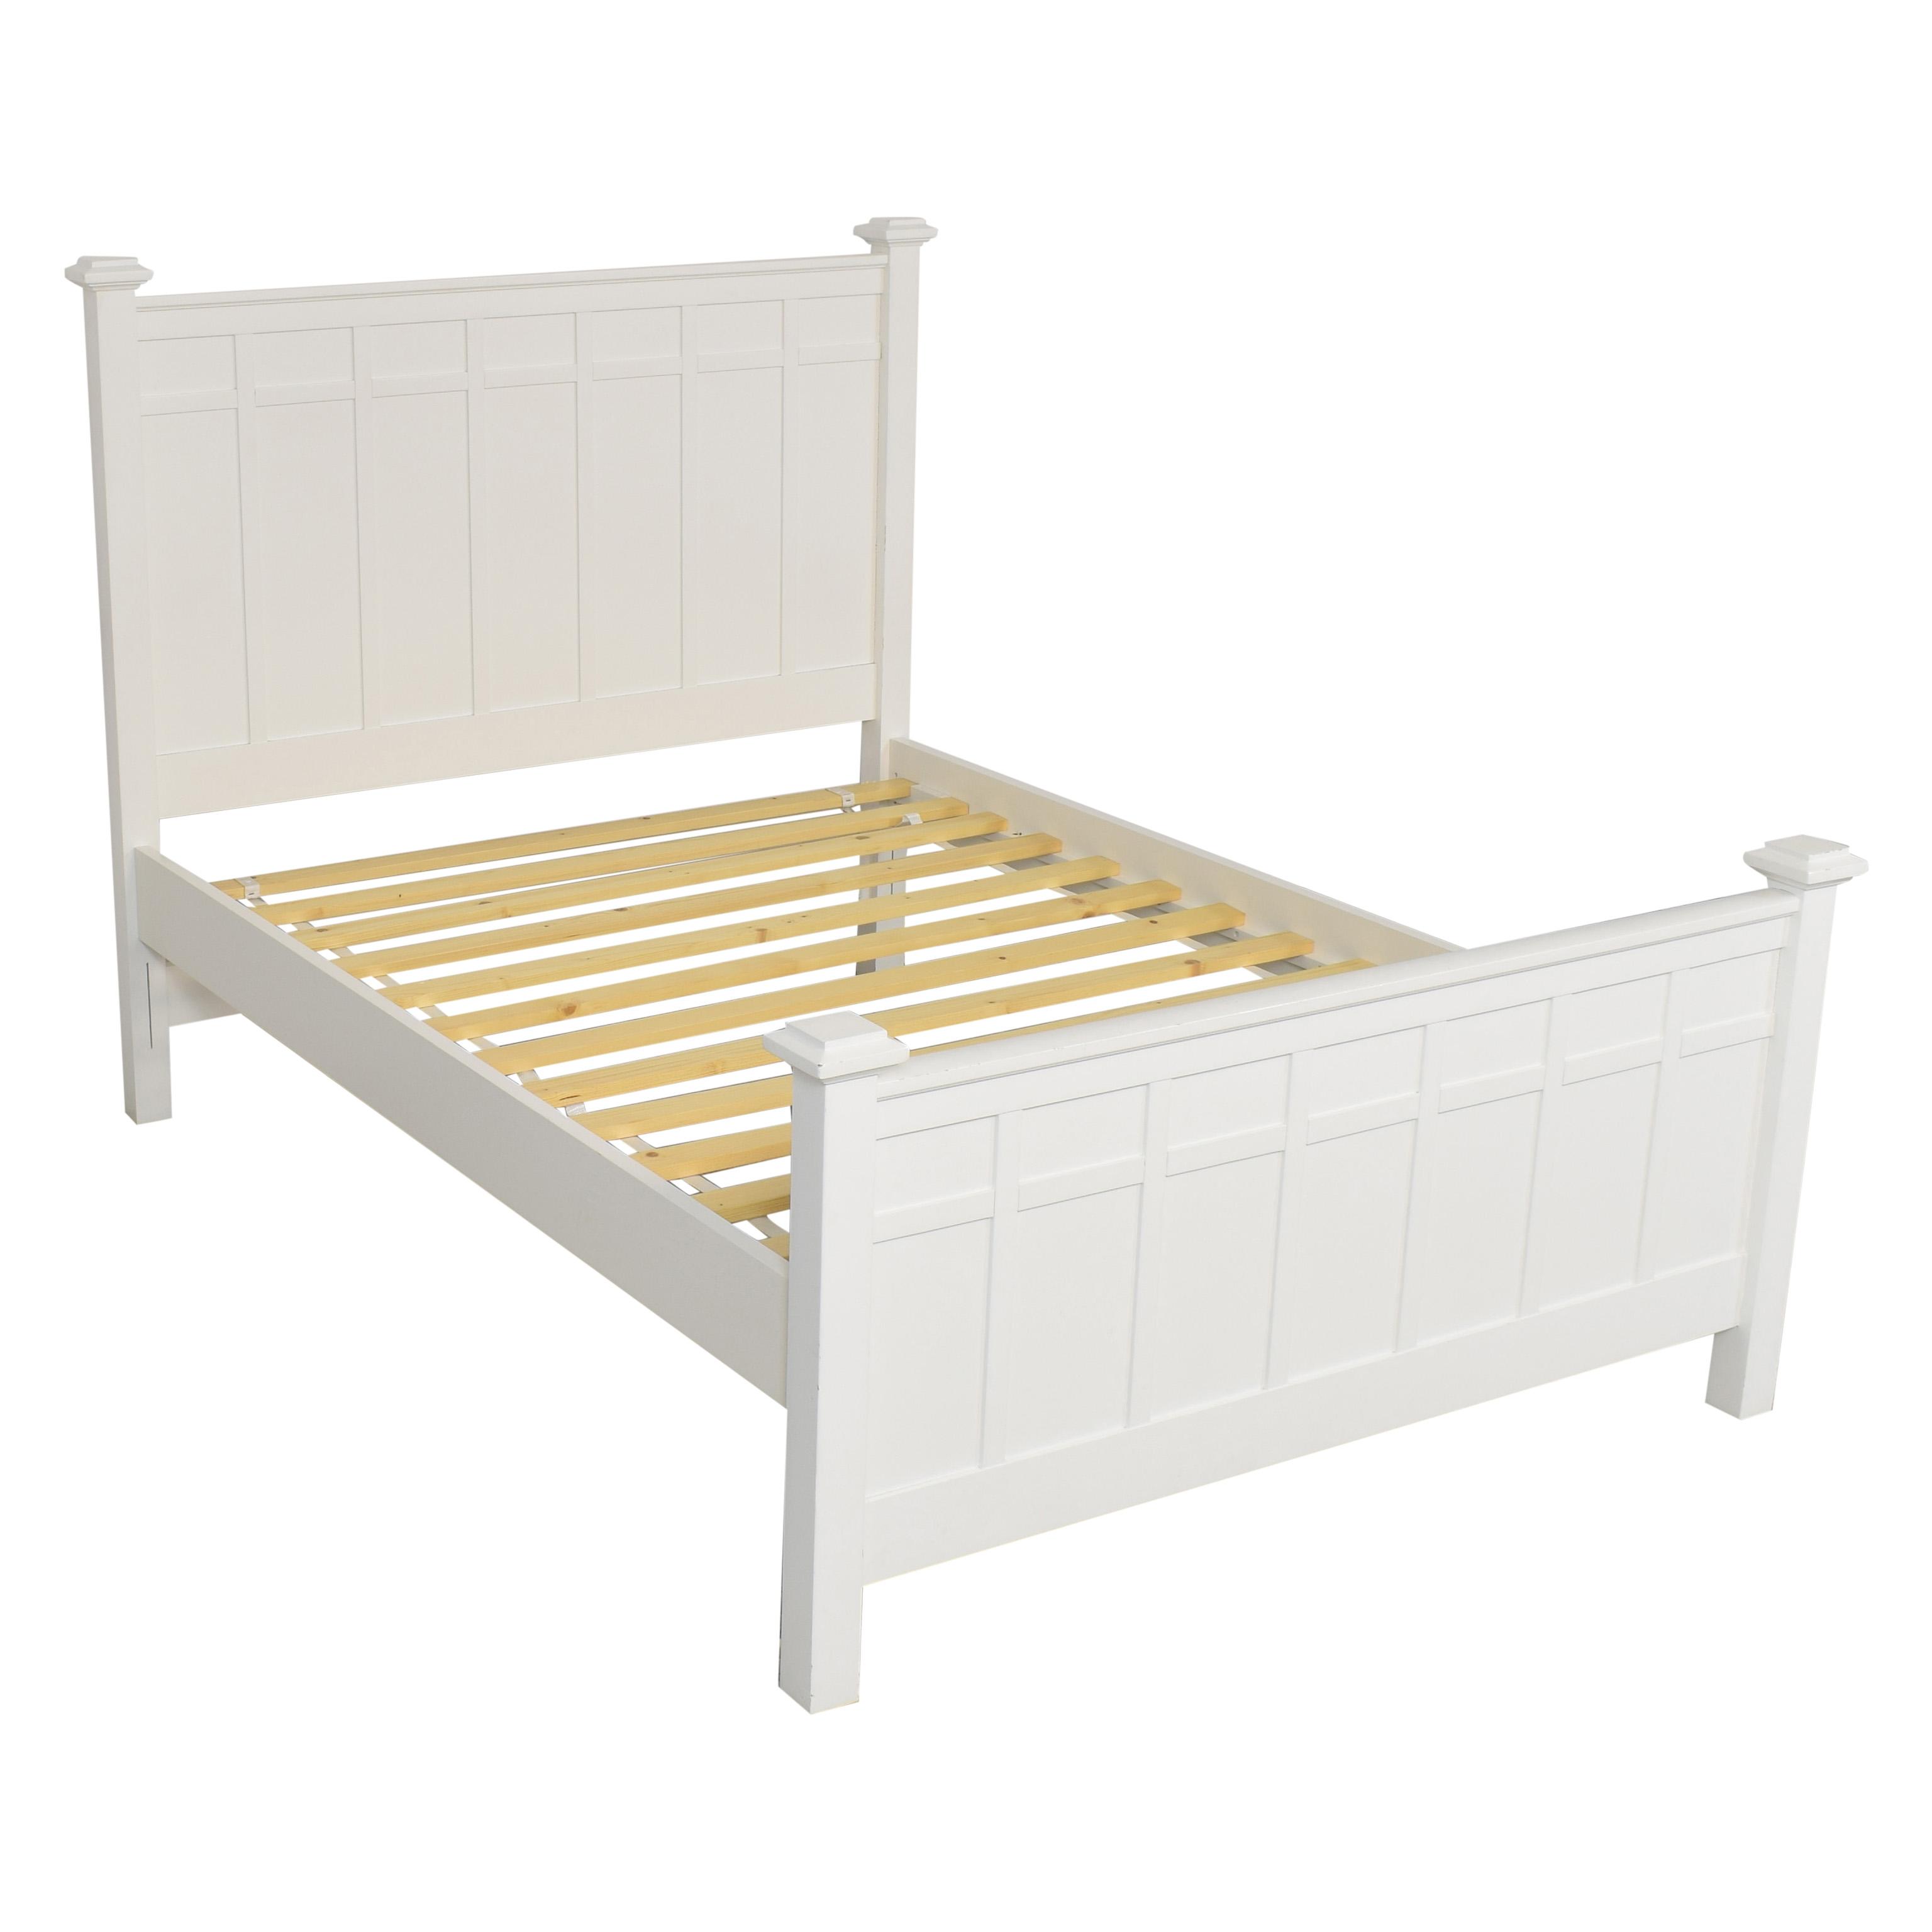 shop Crate & Barrel Crate & Barrel Full Bed Frame online